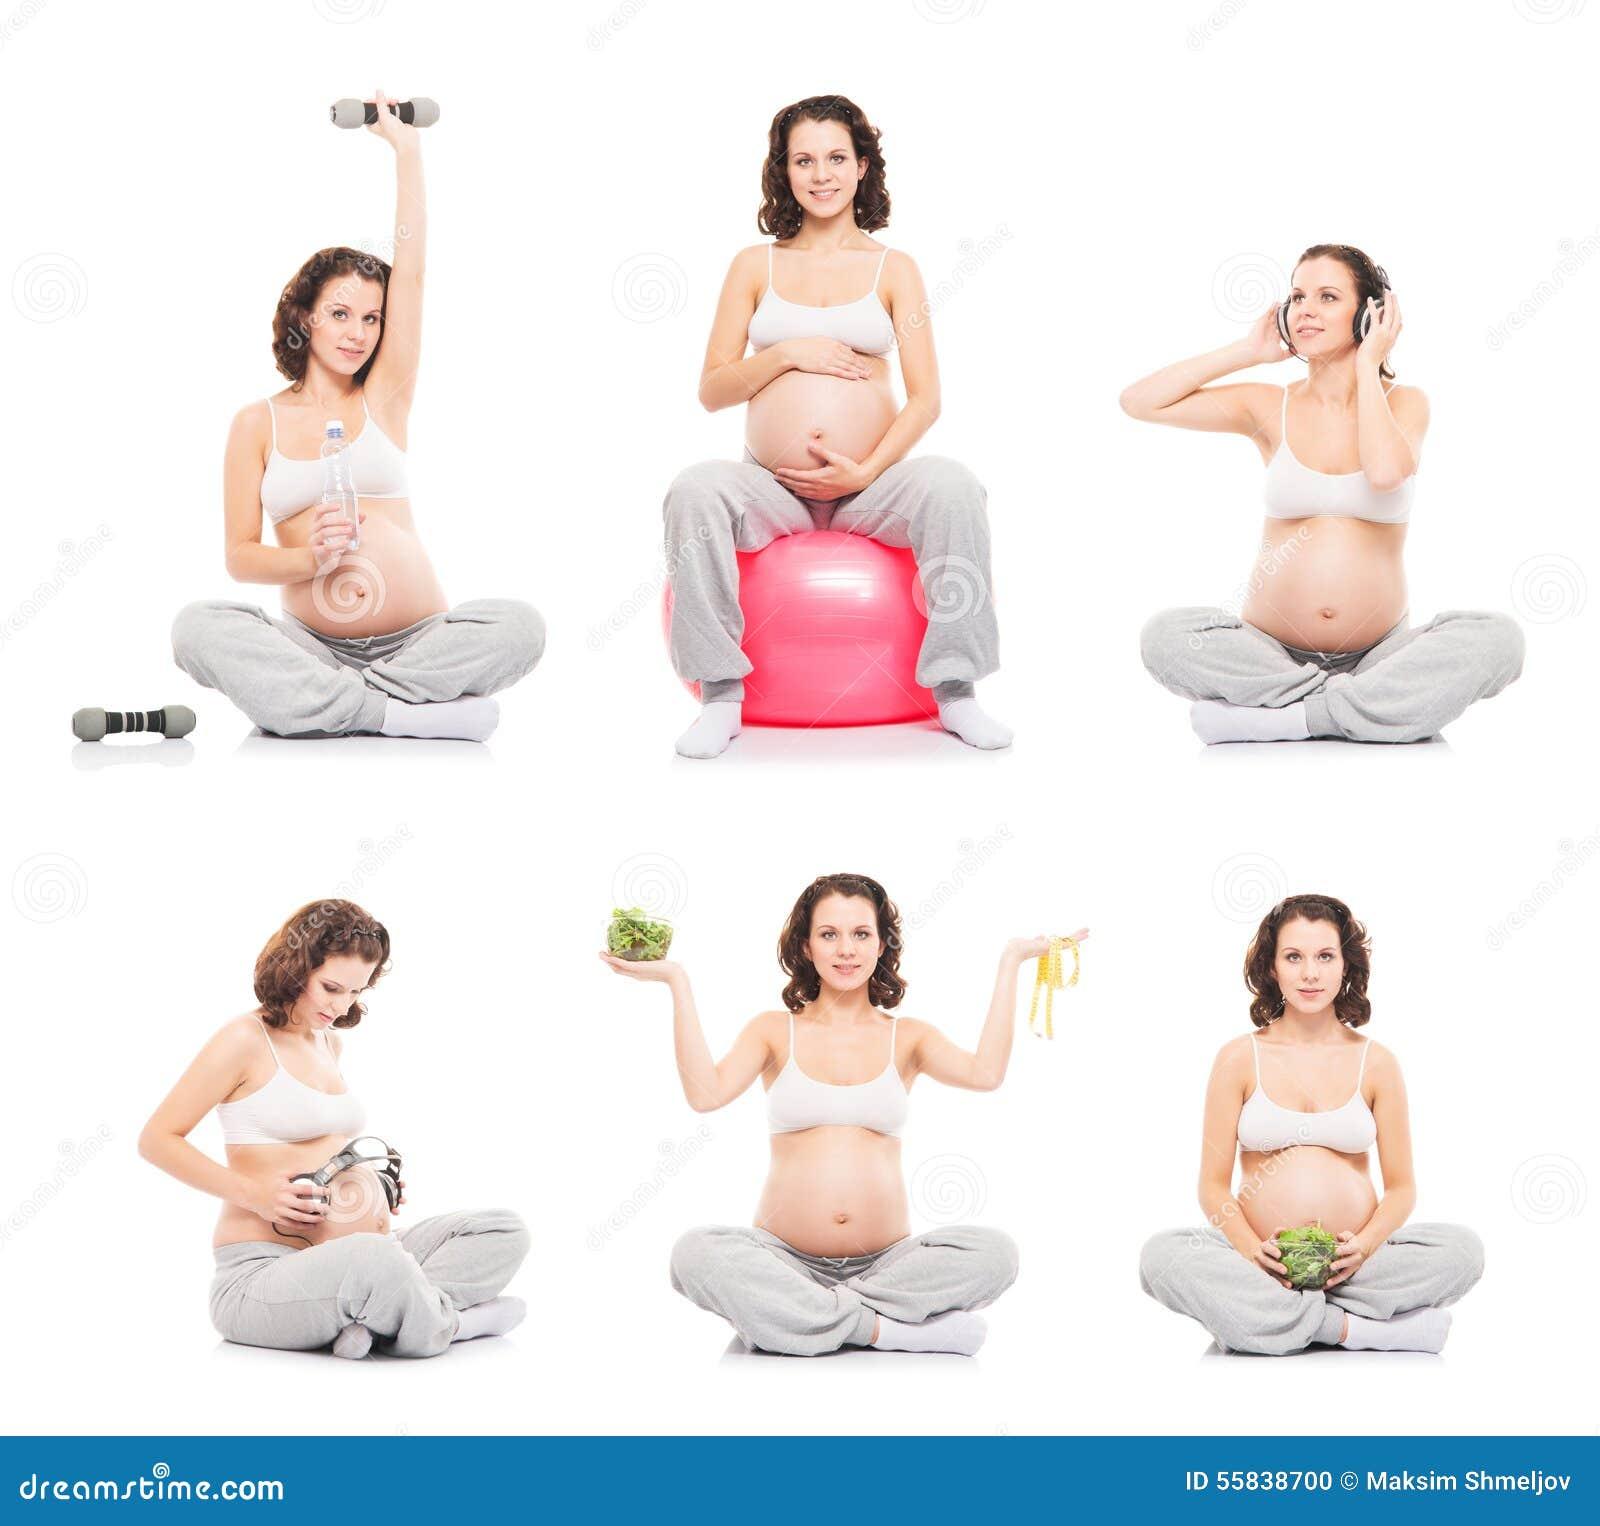 Mujer embarazada aislada en el blanco (colección) Concepto sano de la  consumición y de la nutrición. Imágenes stock más similares a42a9c88d697